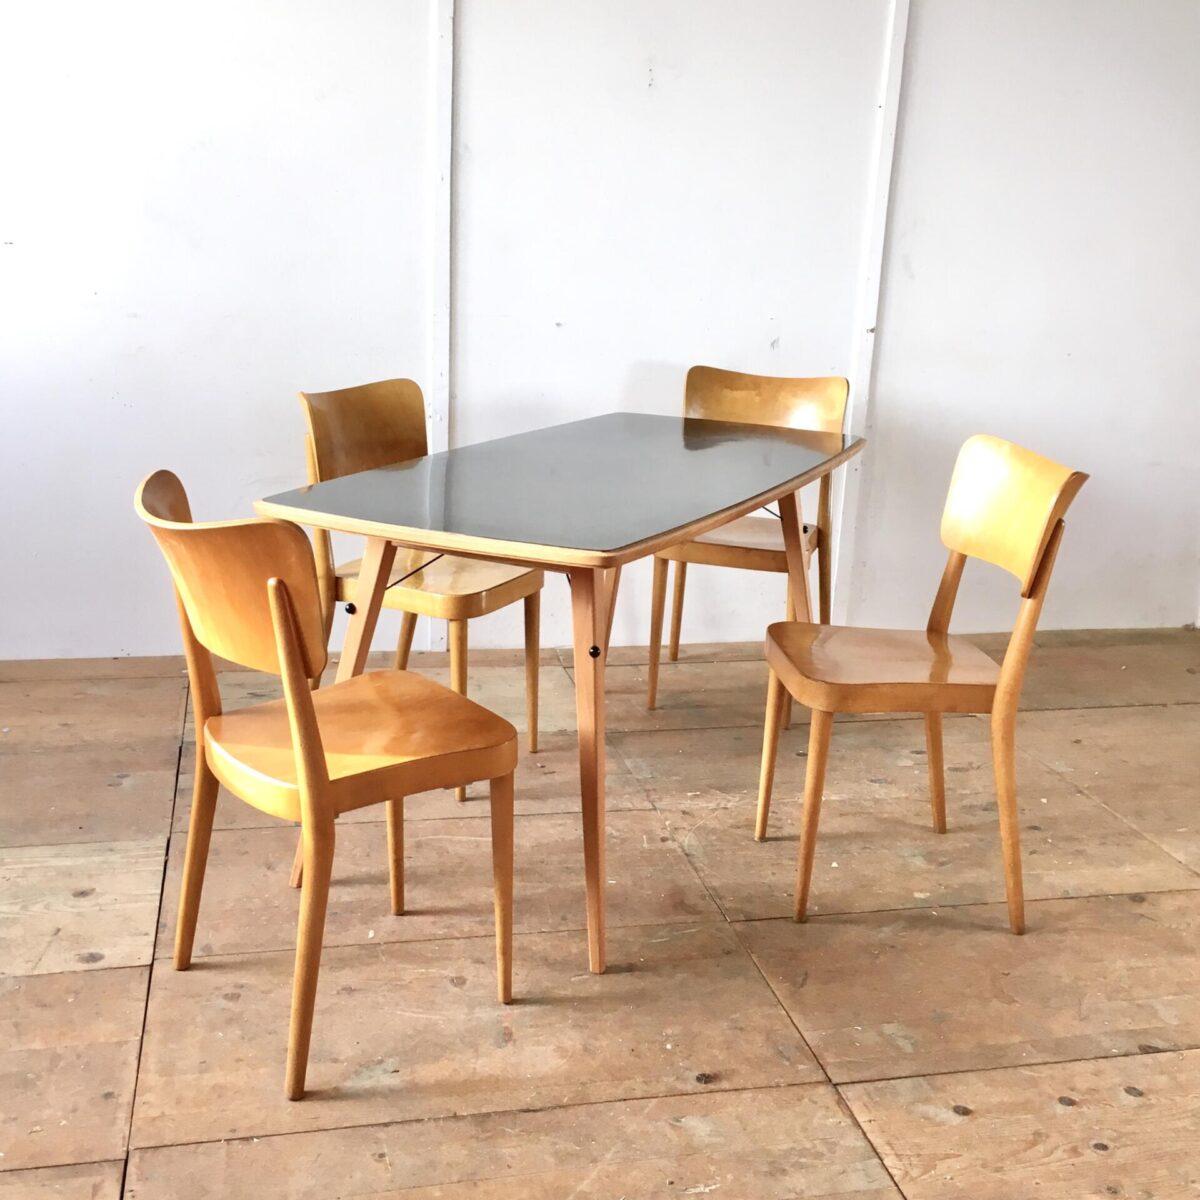 Vintage Küchentisch 160cm mal 75cm. Schwarze Kelko Oberfläche mit Eschenholz Umrandung. Dieses Tischblatt ist ohne Tischgestell zu uns gekommen. Wir haben ein Buchenholz unterbau, passend zu der Zeit, geschreinert. Das schwarze Kunststoff Element der Tischplatte haben wir unten nochmal aufgegriffen. In Form von schwarzen Metall Verstrebungen die von Kunststoff Kugeln gehalten werden.